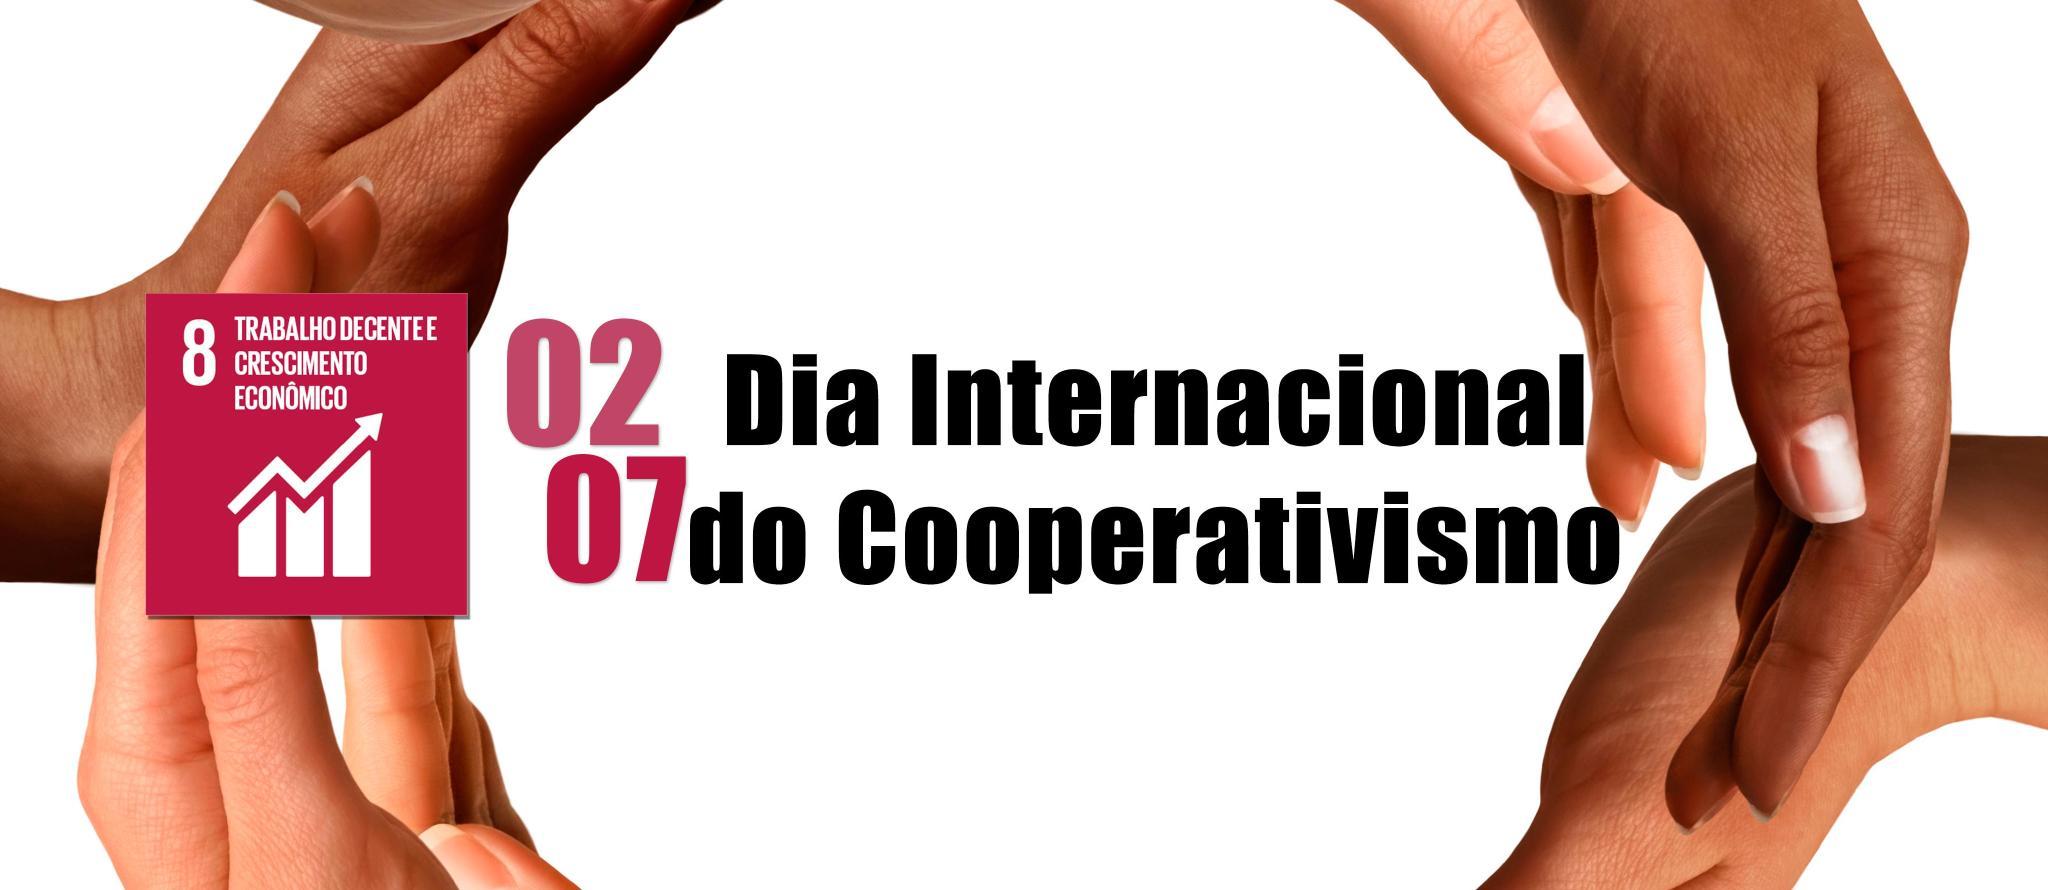 Dia Internacional do Cooperativismo - ODS 08